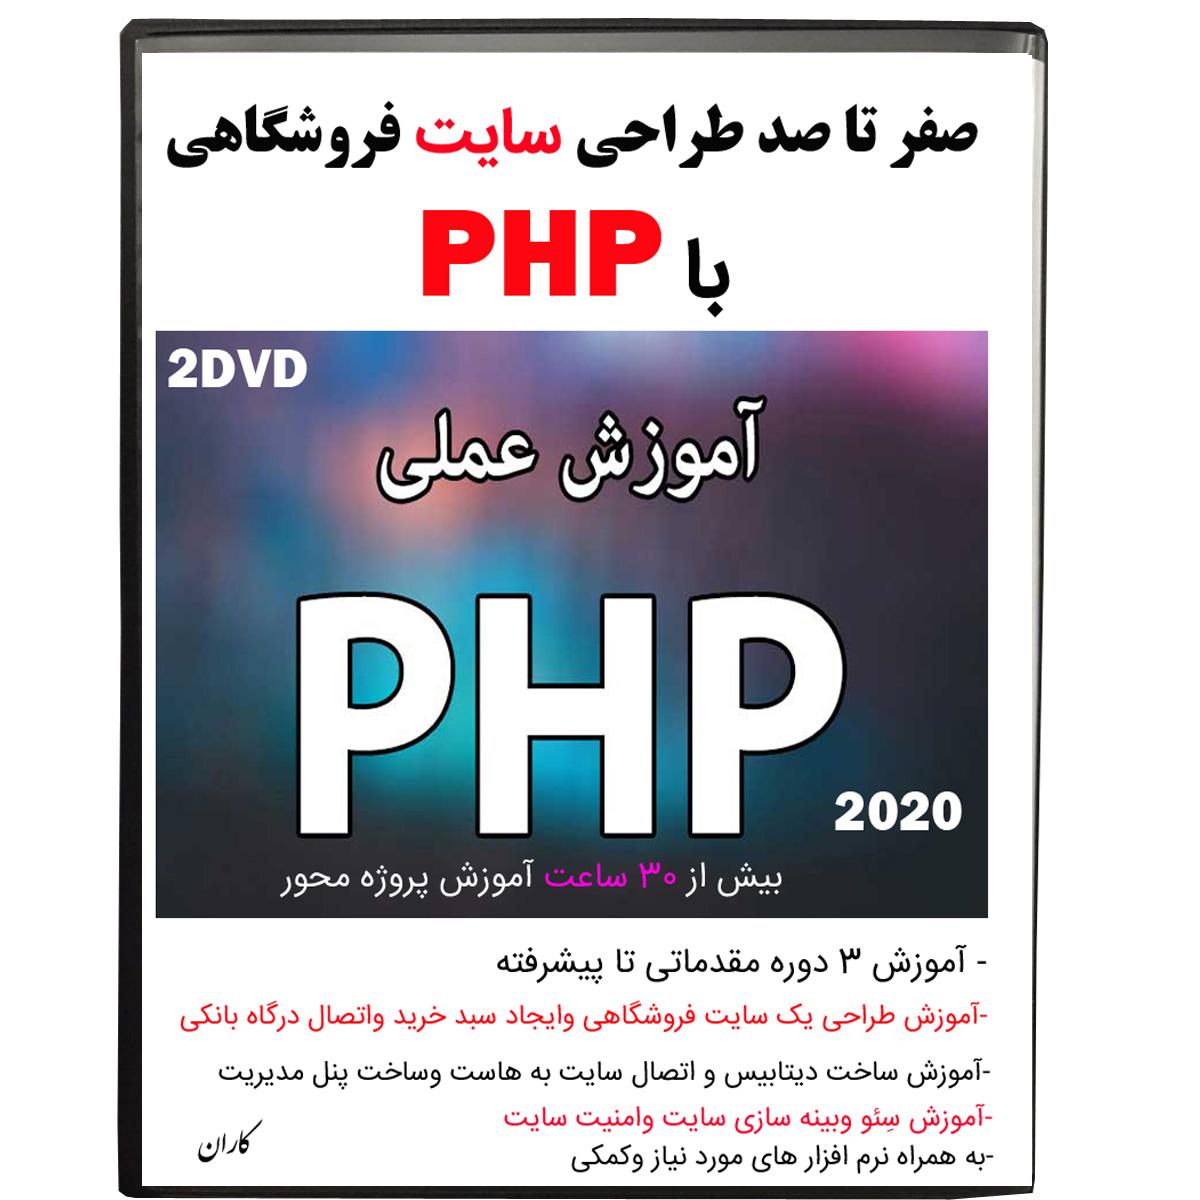 نرم افزار آموزش صفر تا صد طراحی سایت فروشگاهی با php نشر کاران